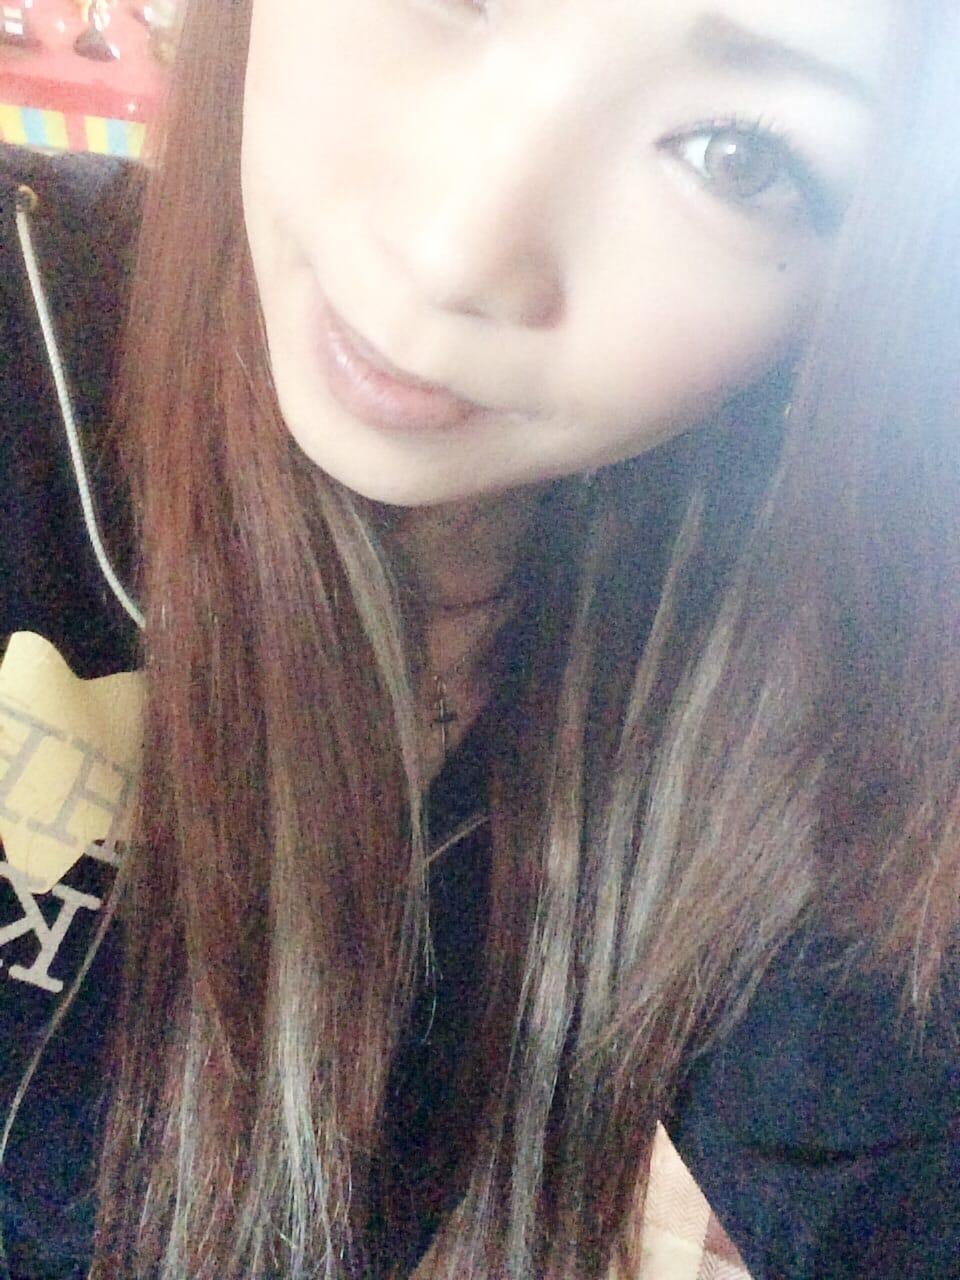 「こんちゃー」04/05(04/05) 16:41 | ♡桜井ゆあ♡の写メ・風俗動画